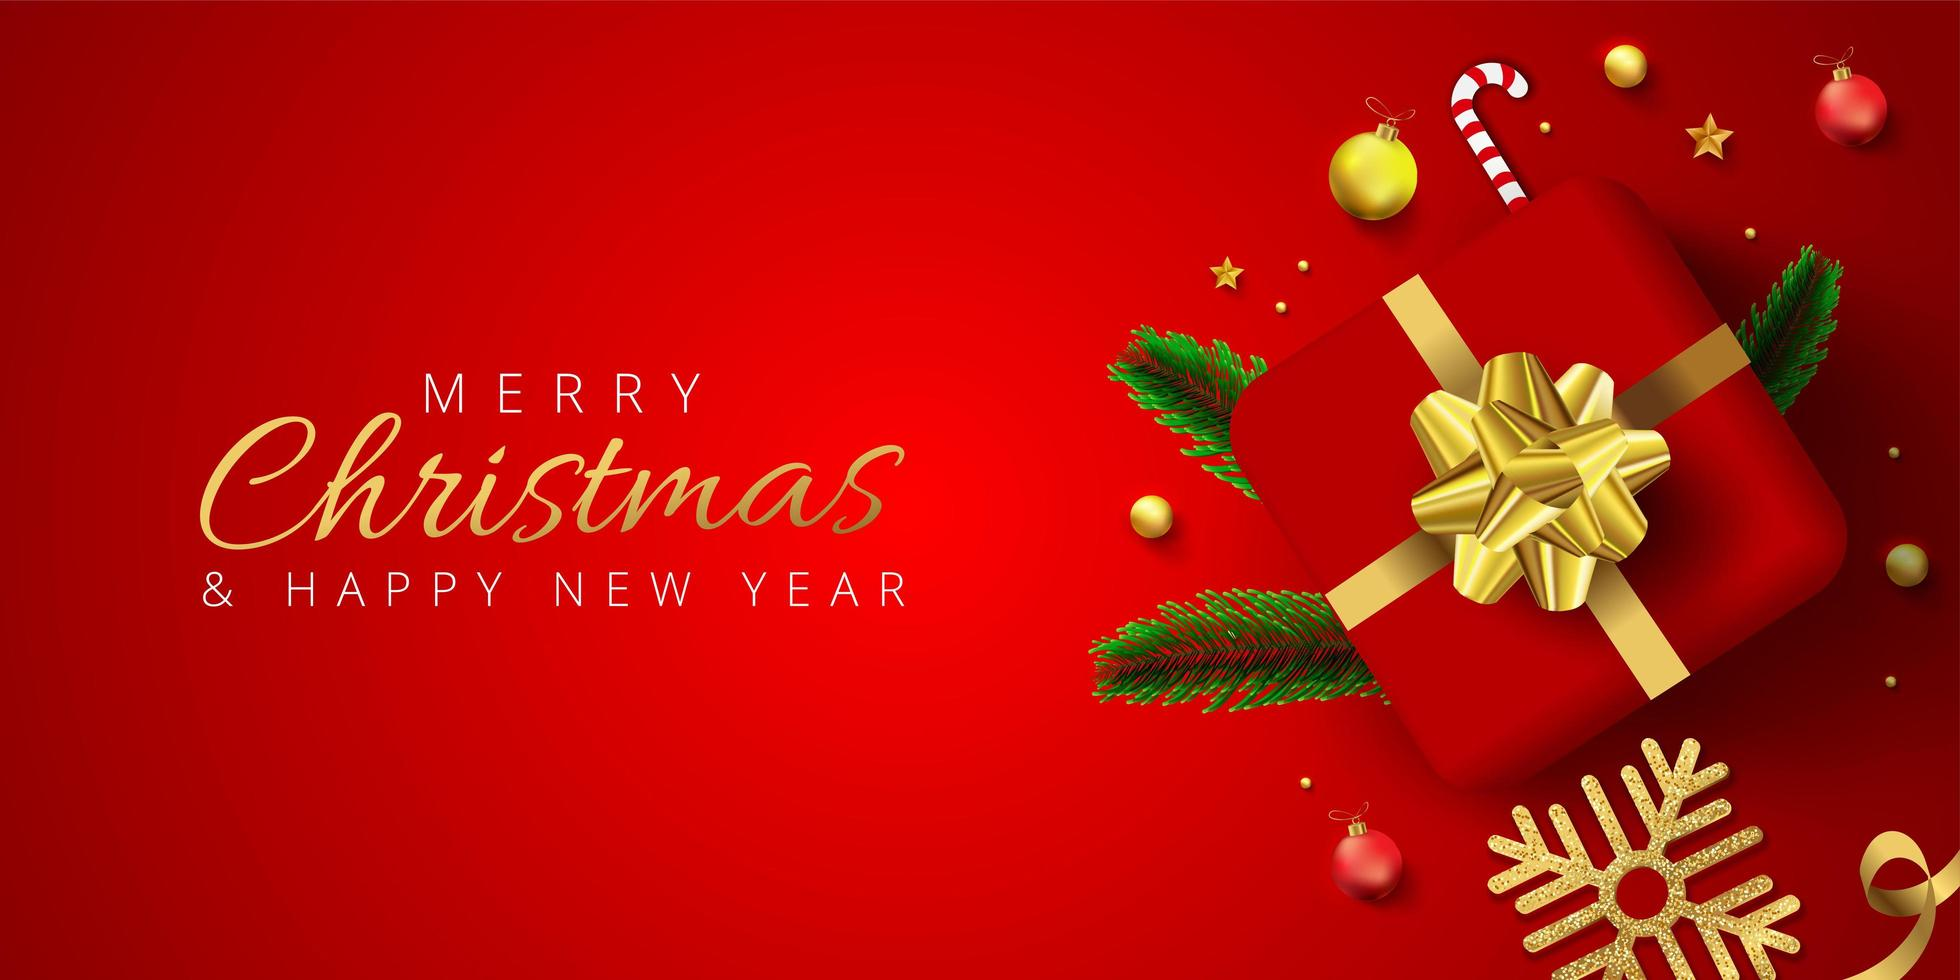 bannière de Noël rouge avec cadeau, boules, flocon de neige, feuilles de pin vecteur